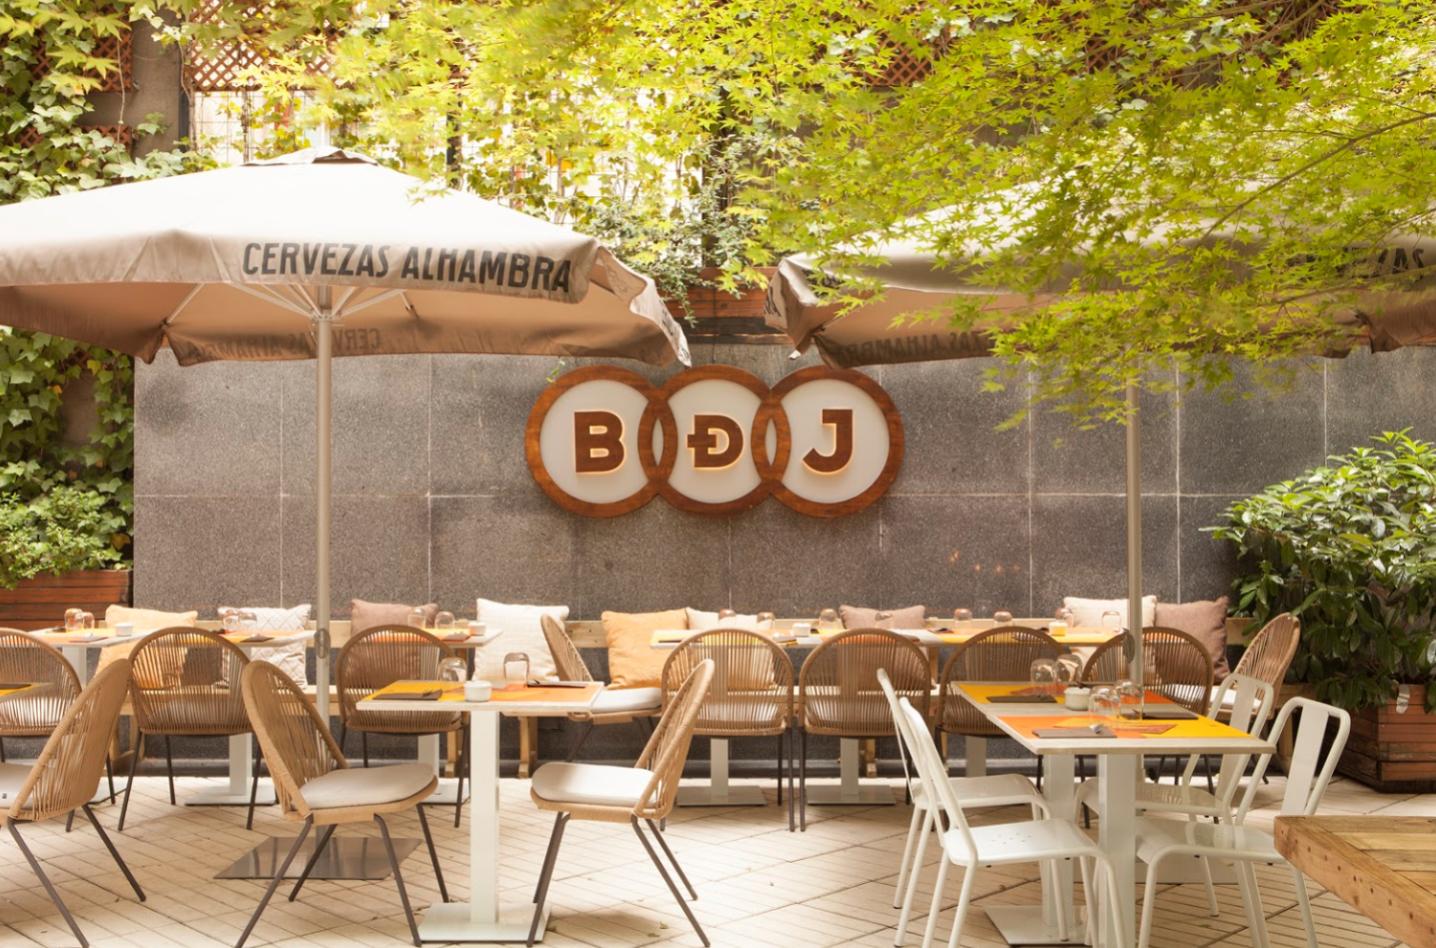 BDJ Restauración Singular Market Madrid